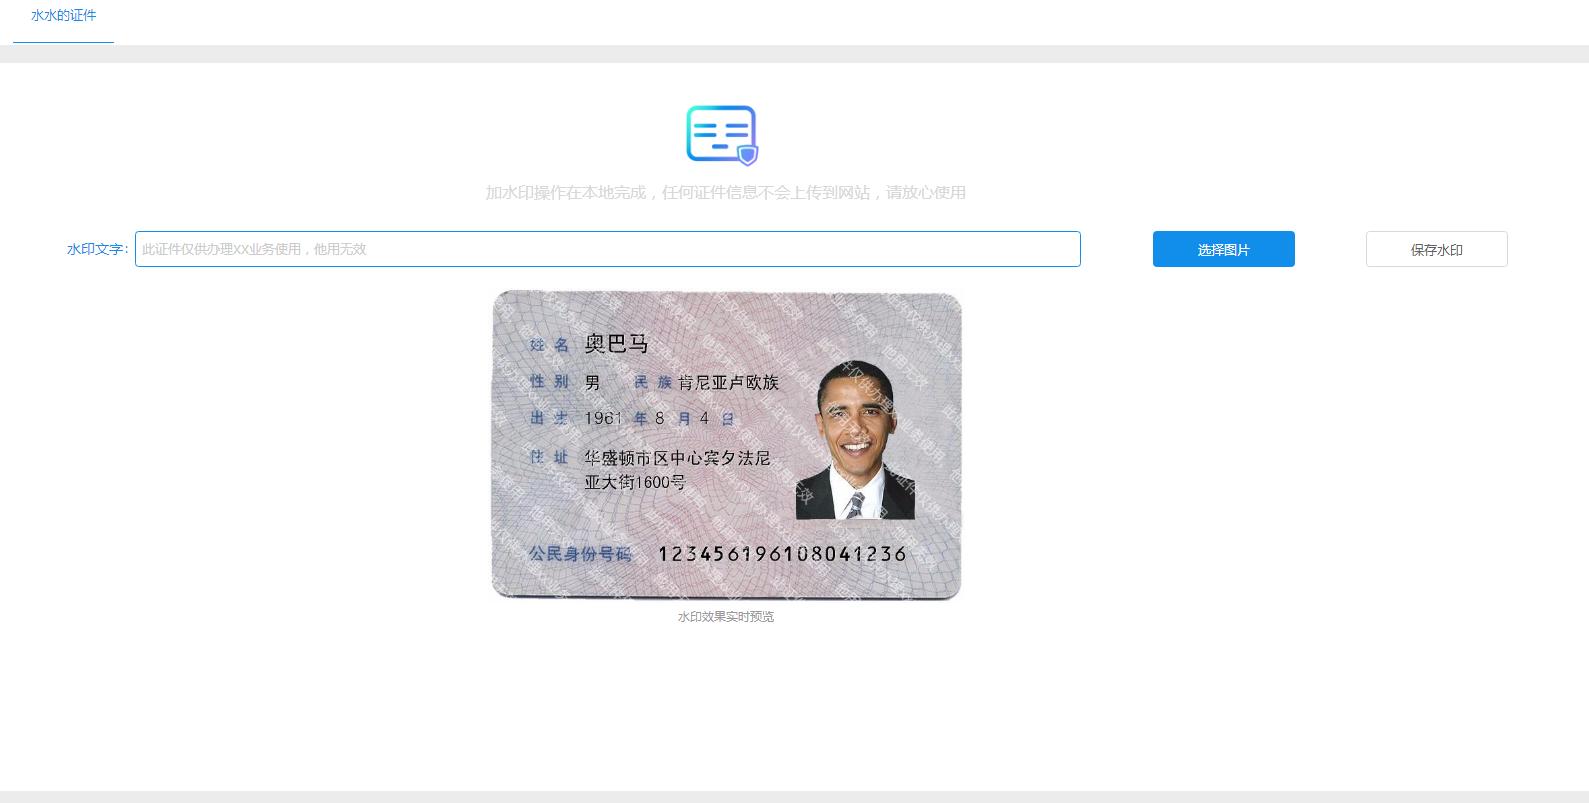 身份证在线打水印工具网站源码,防止身份证被盗用